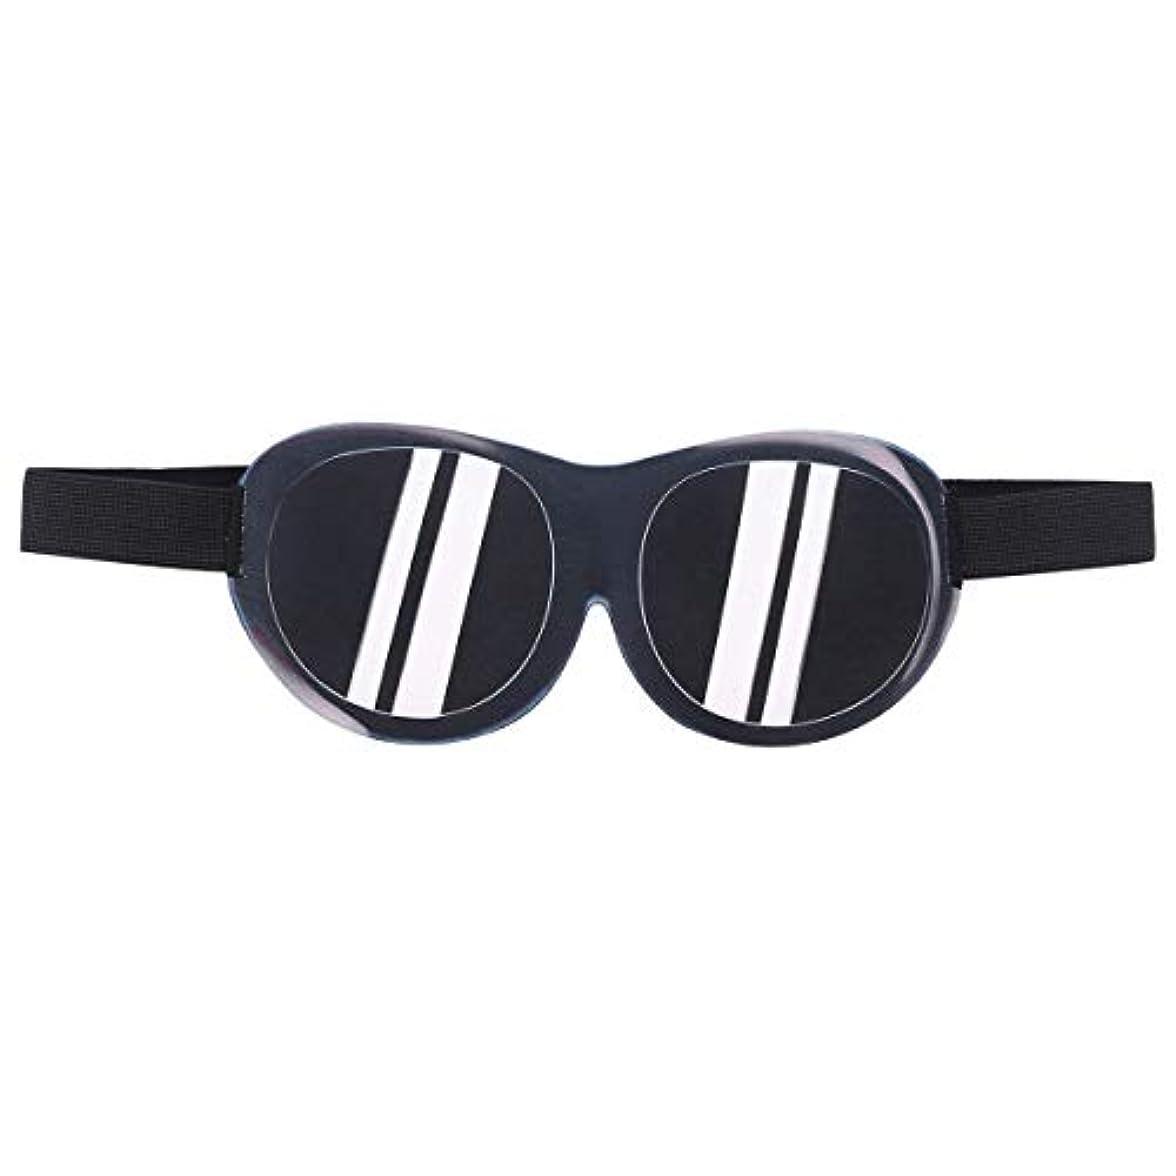 甲虫フルーツ野菜陰謀Healifty 3D面白いアイシェード睡眠マスク旅行アイマスク目隠し睡眠ヘルパーアイシェード男性女性旅行昼寝と深い睡眠(サングラスを装ったふりをする)